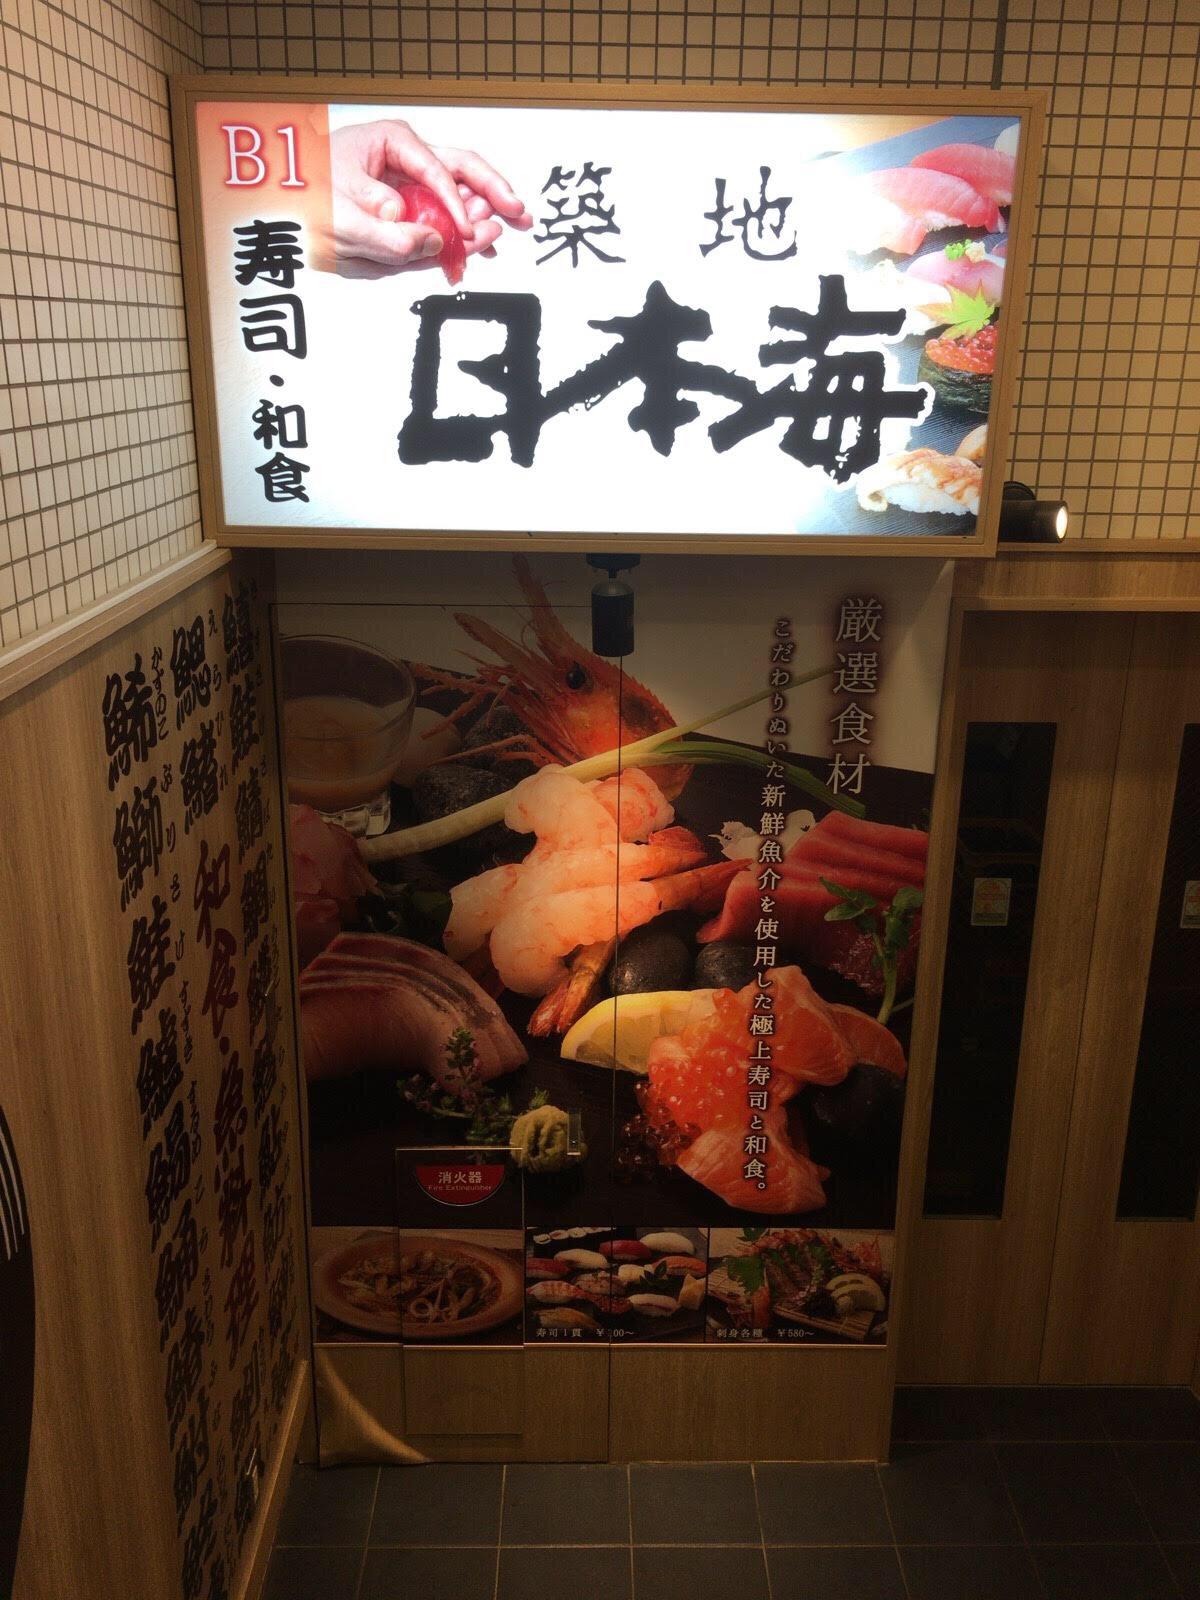 築地日本海桜新町店は子連れでも入りやすいお寿司屋さん